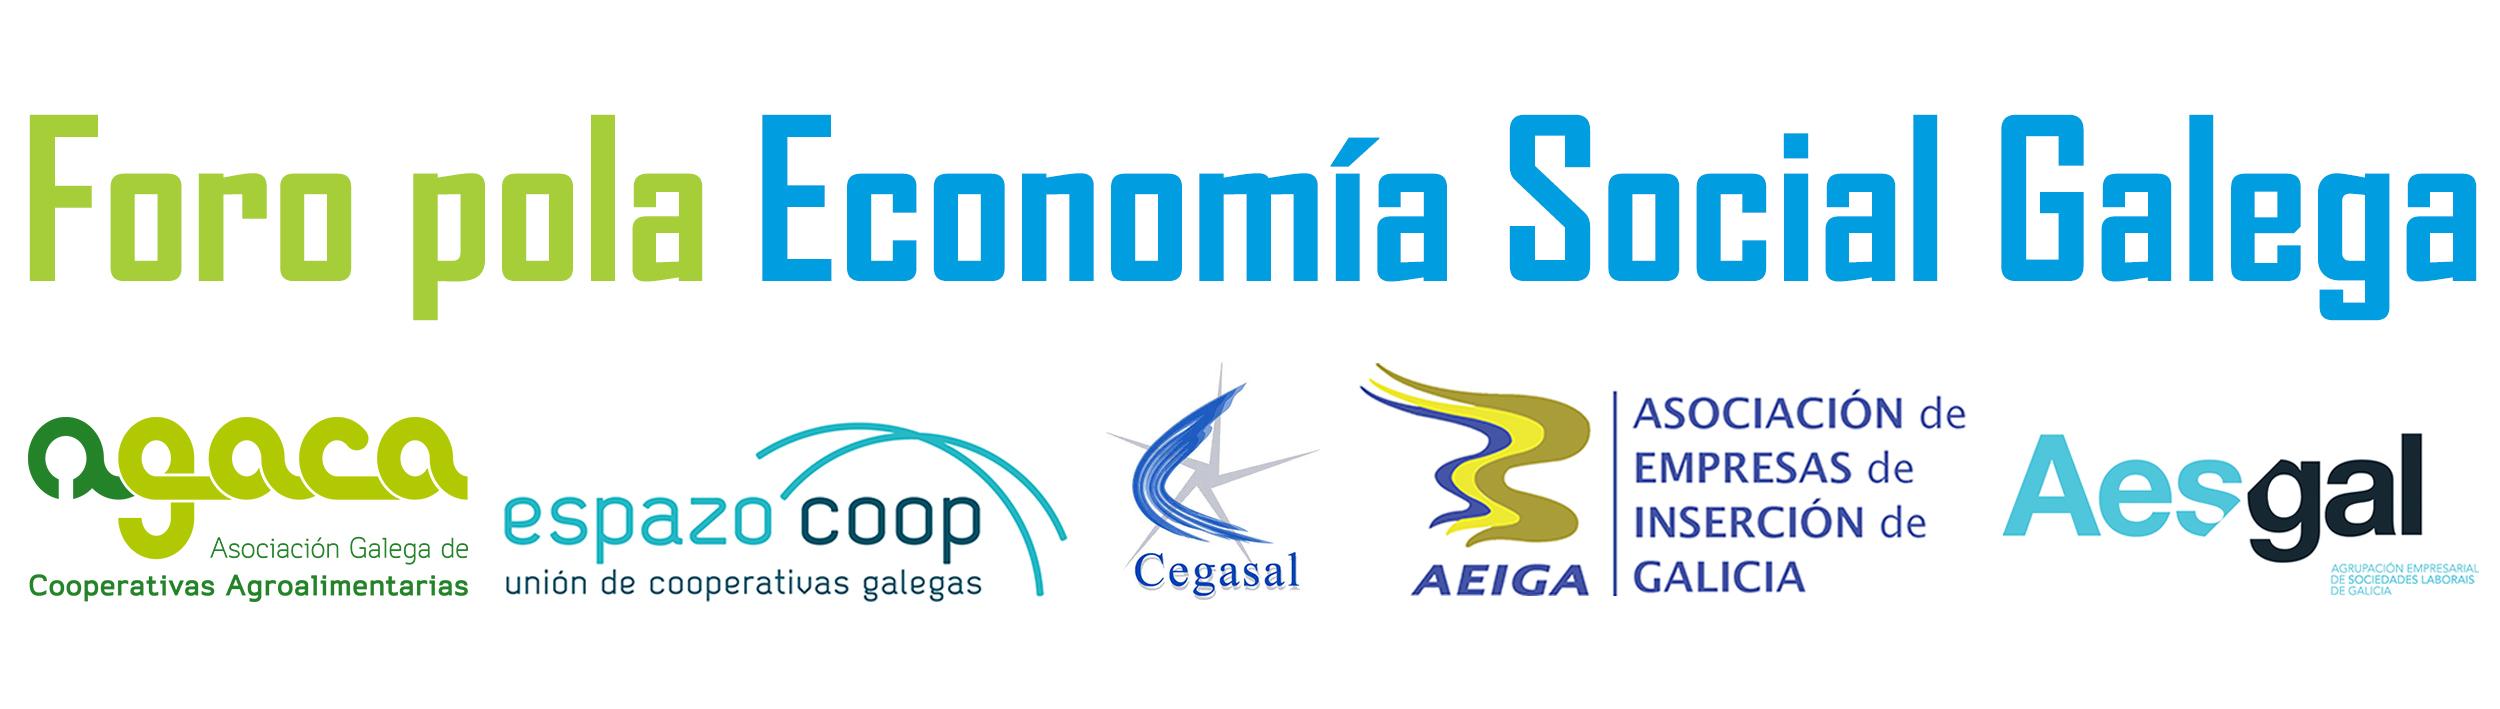 Presentación del Foro pola Economía Social Galega en la Facultad de Ciencias Económicas y Empresariales de la Universidade de Santiago